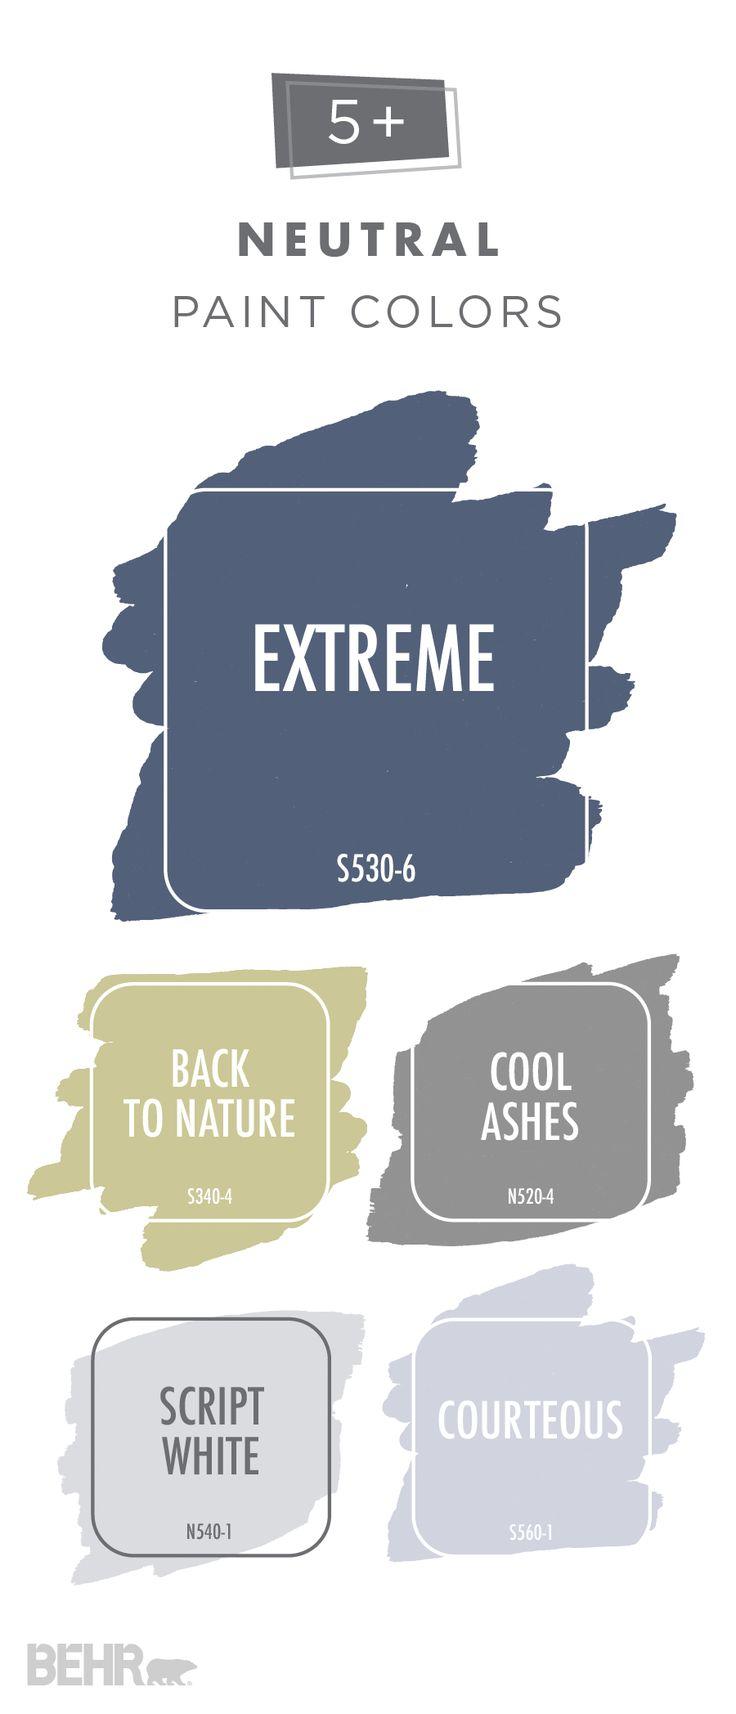 Best 20 Neutral Paint Colors Ideas On Pinterest Neutral Paint Neutral Wall Colors And Wall